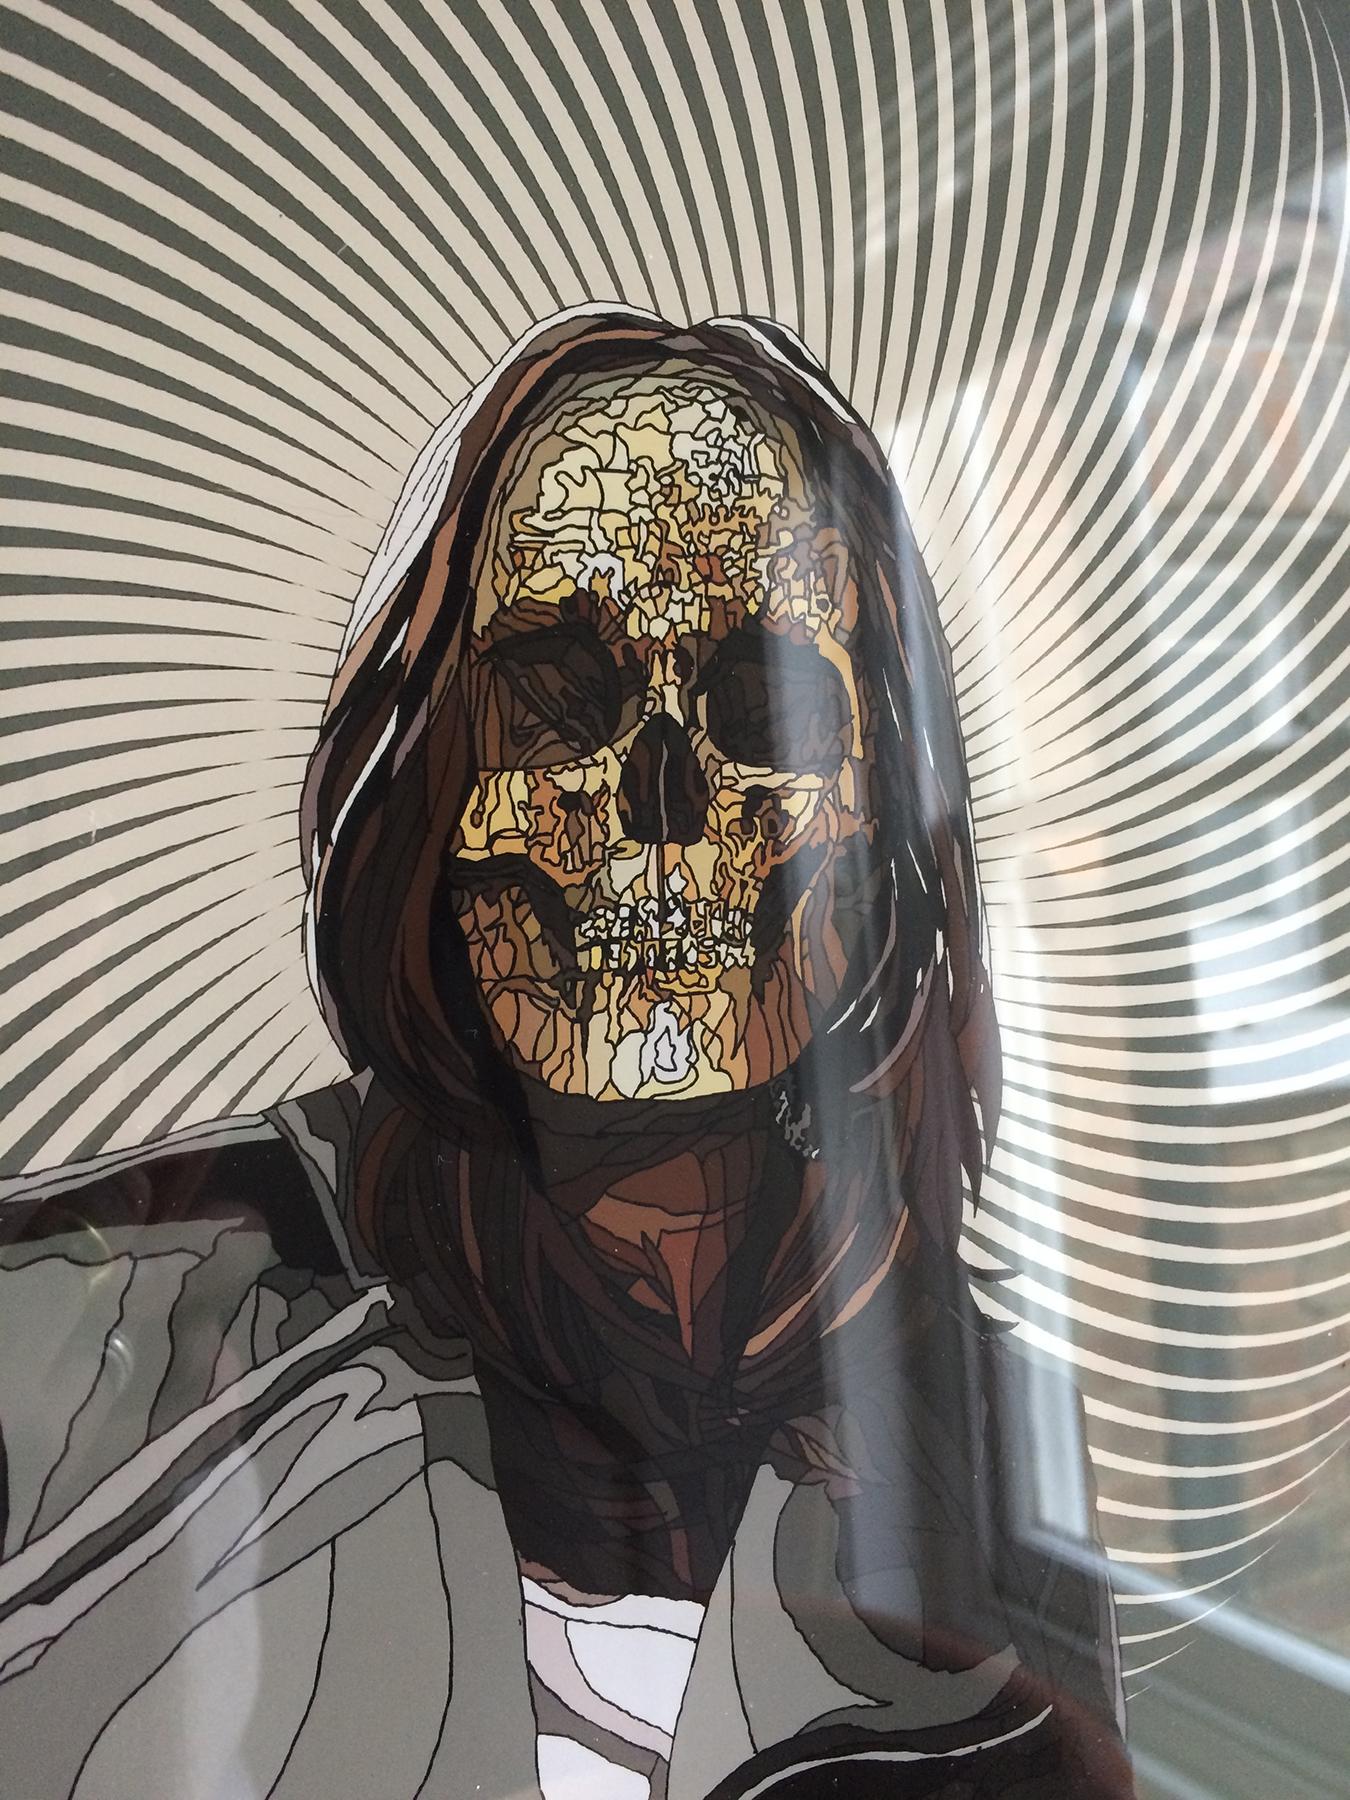 Illuminated - UV Print on Acrylic (perspex)